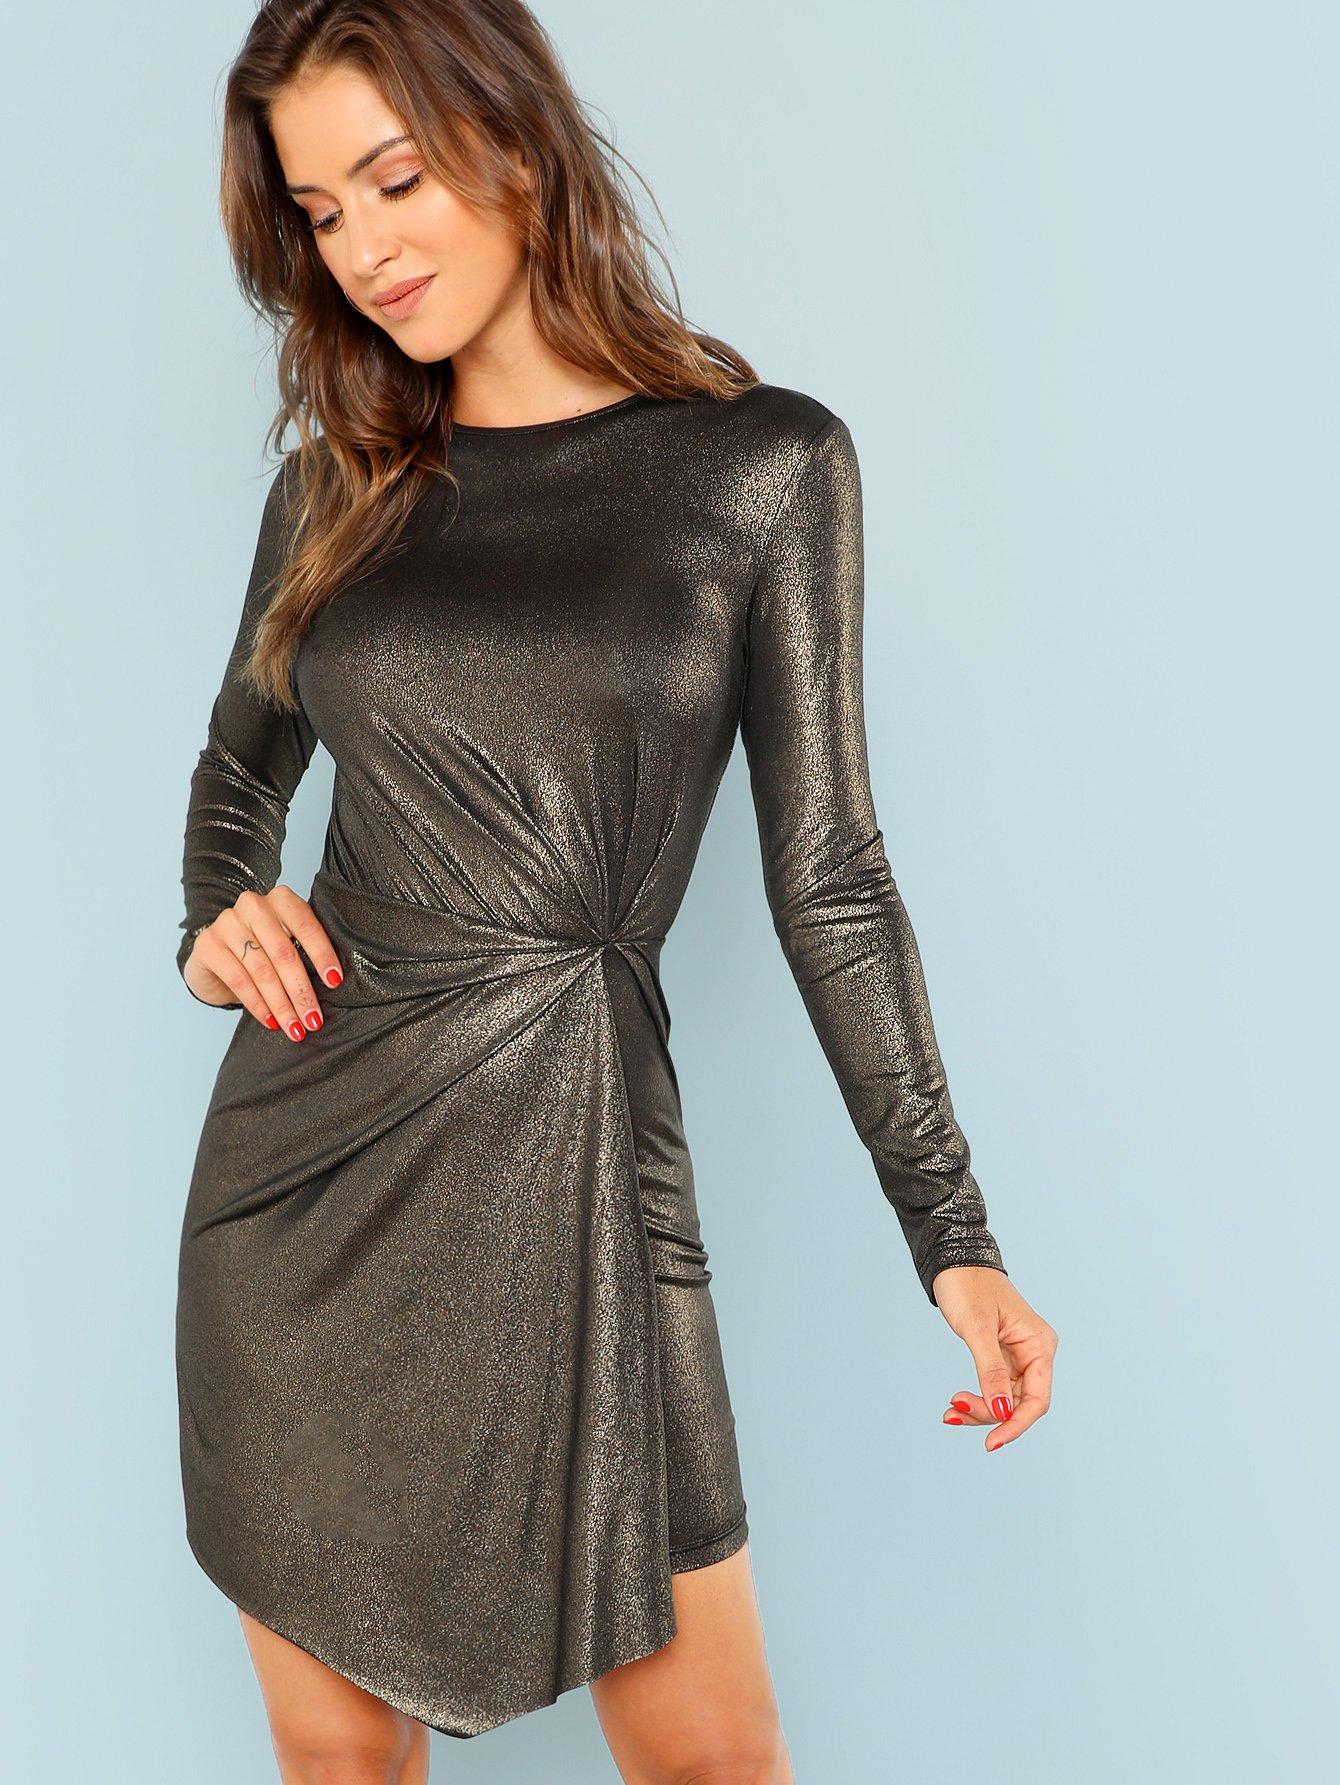 Купить Платье металлического цвета и со складками в талие, Noelle Brown, SheIn